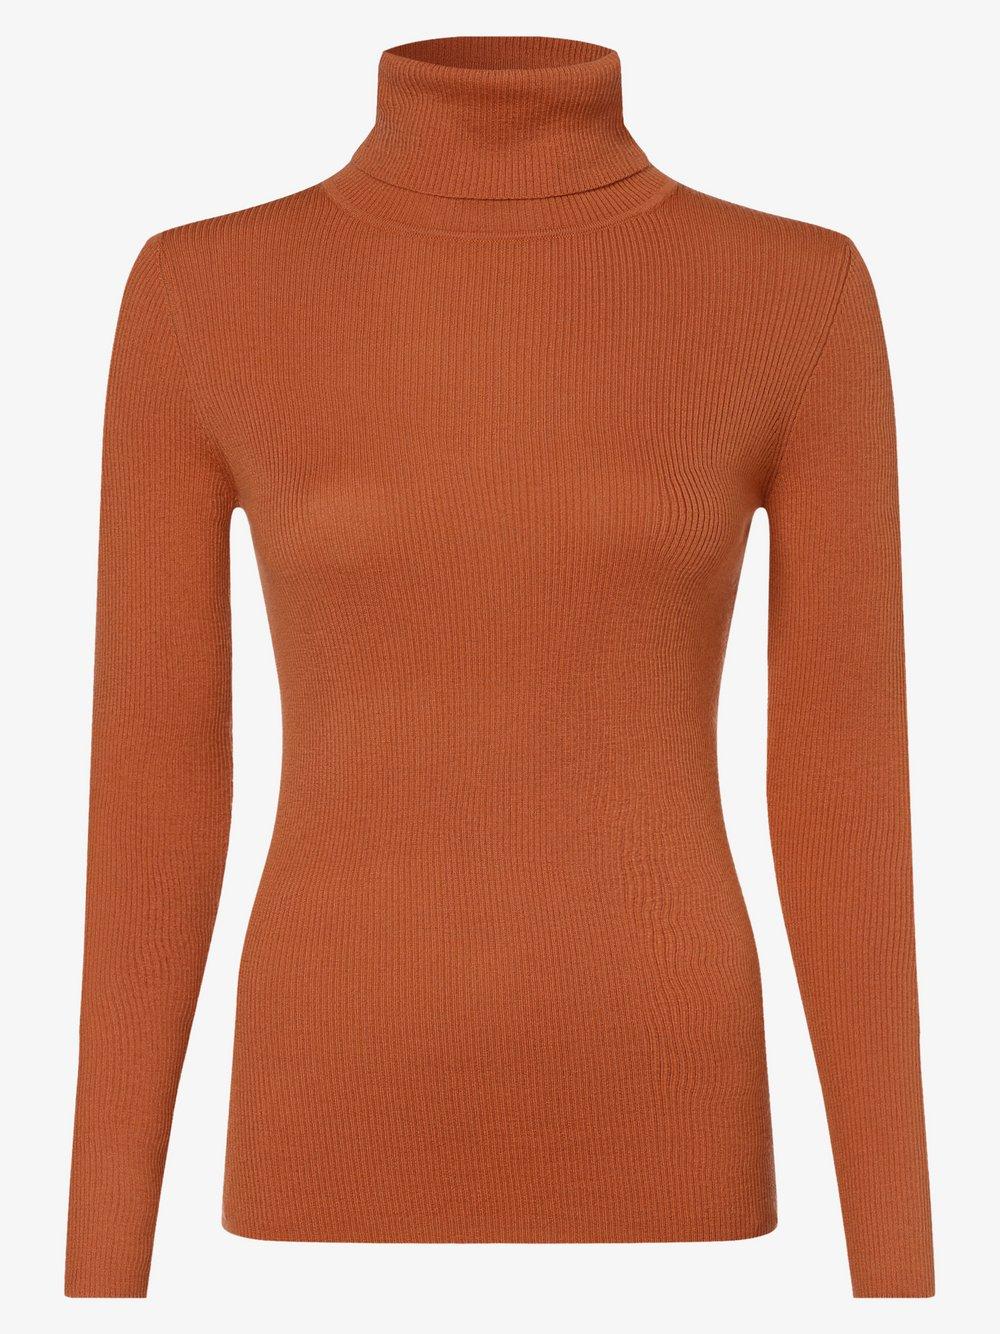 SvB Exquisit – Damski sweter z wełny merino, pomarańczowy Van Graaf 479074-0003-00420